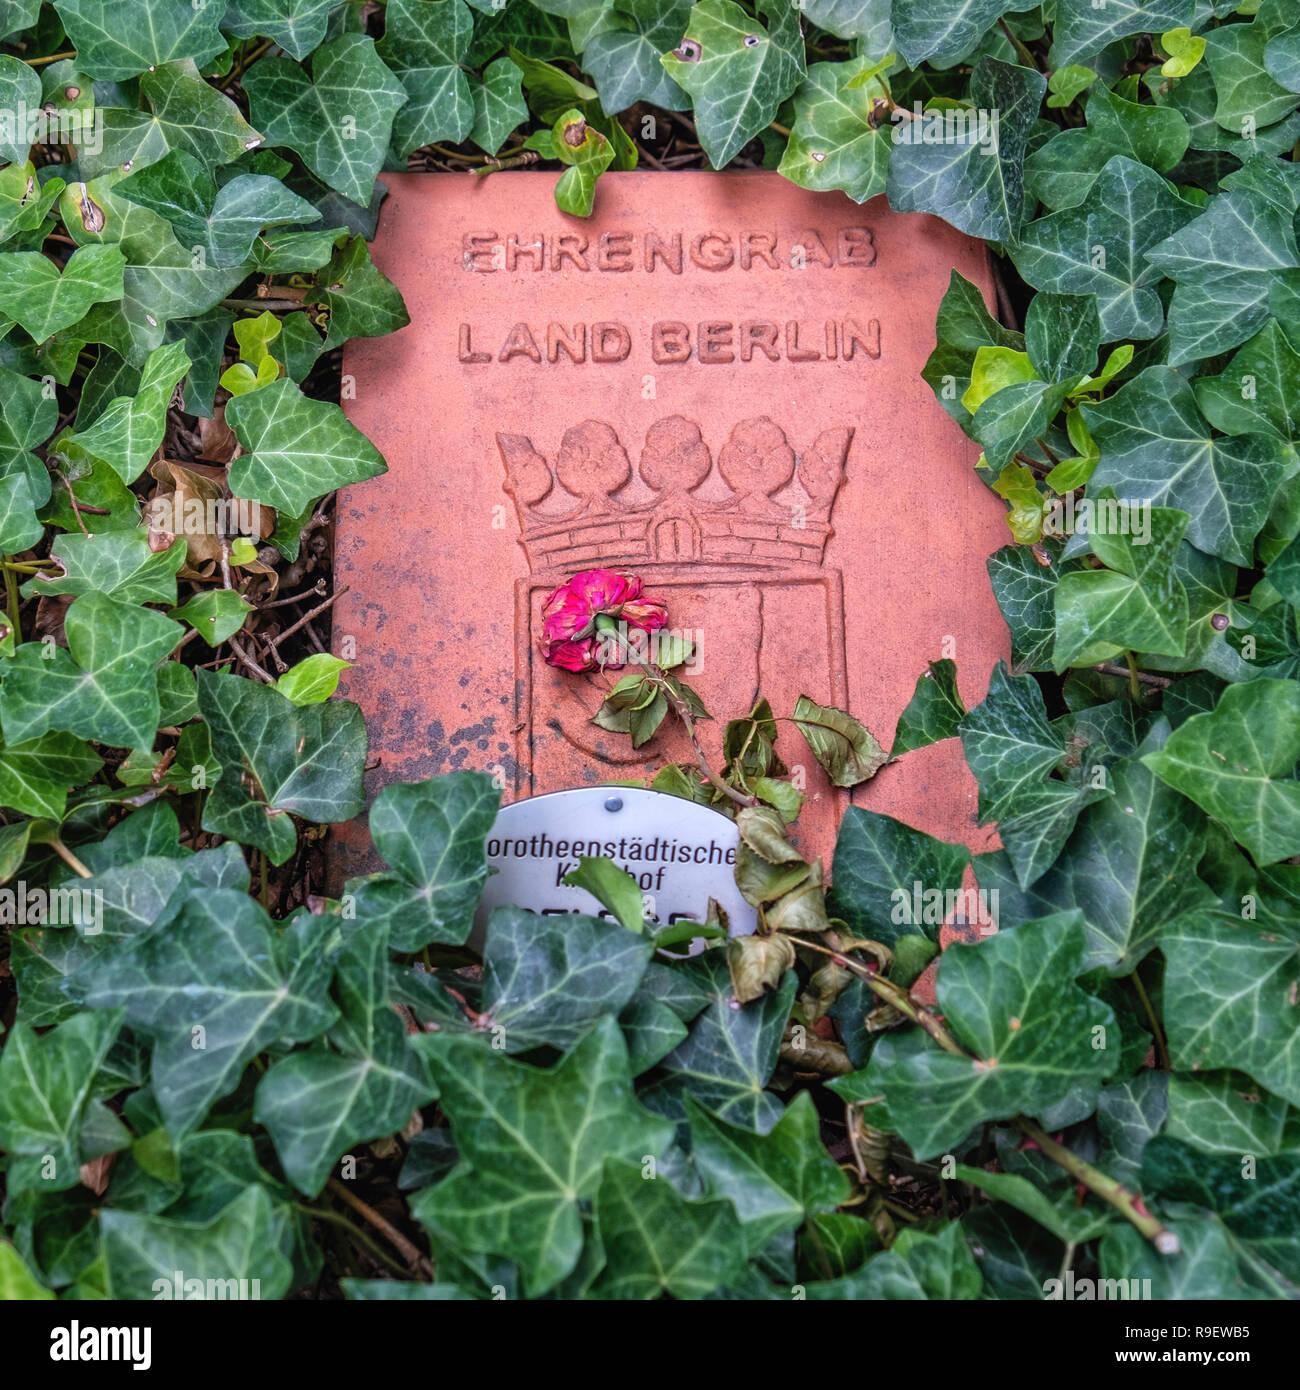 Berlin, Mitte. Cimetière protestant de Dorotheenstadt et cimetière. Ehrengrab, honorables grave la plaque. Photo Stock